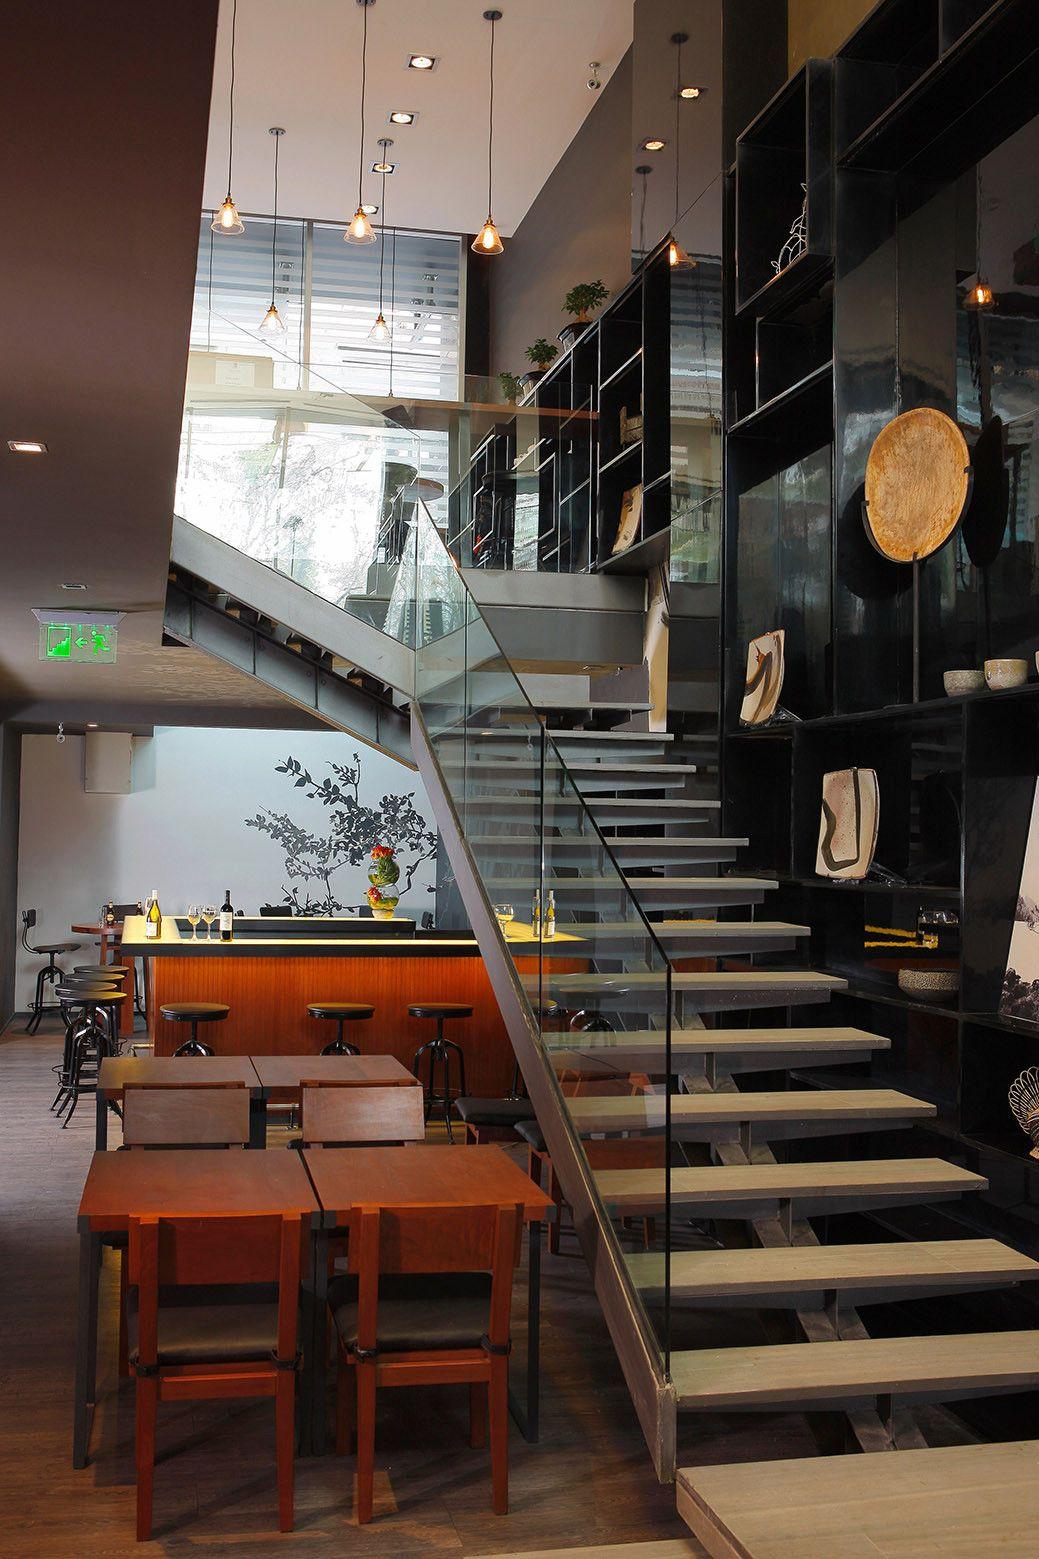 Gallery - Ismael 312 Apart Hotel / Estudio Larrain - 2